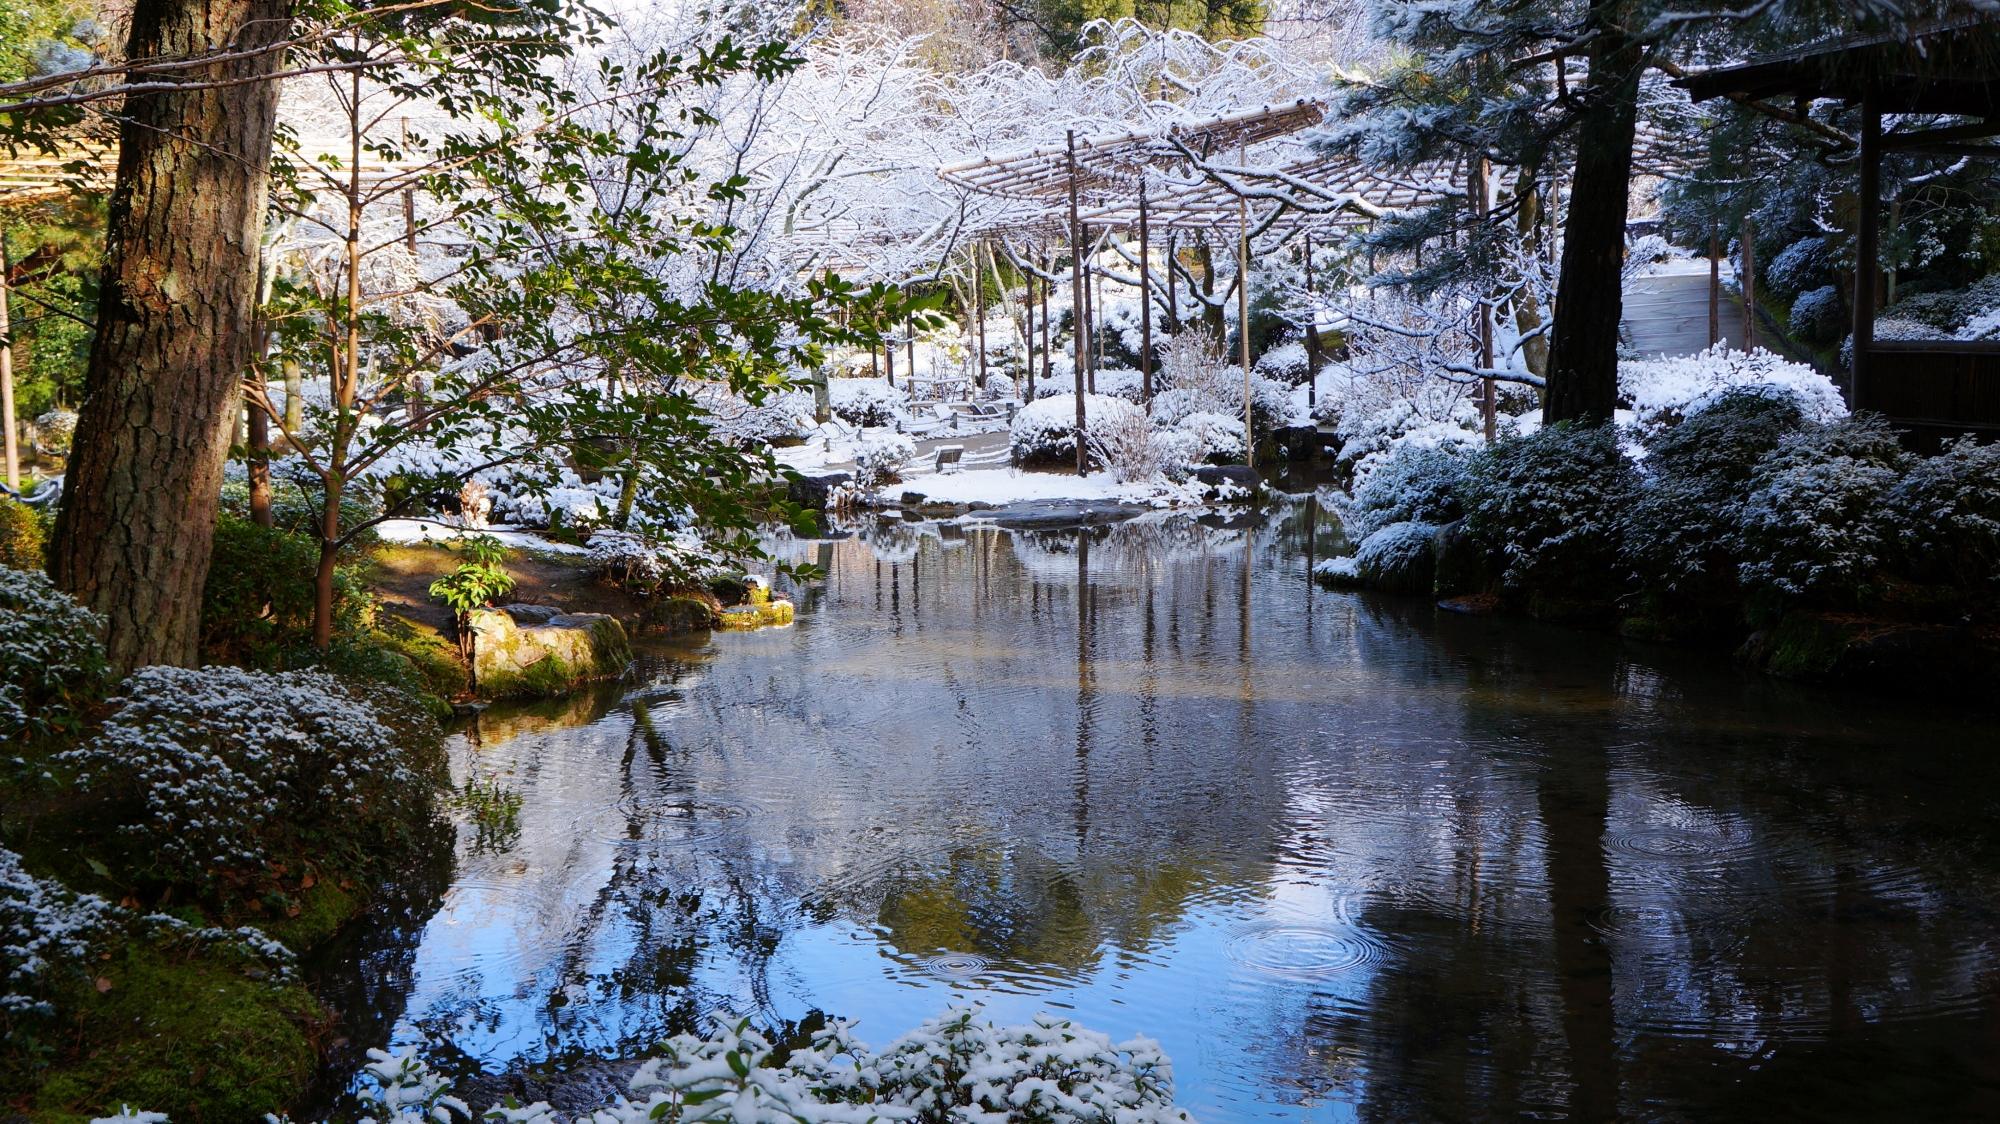 水面に青空と雪景色が映る平安神宮神苑